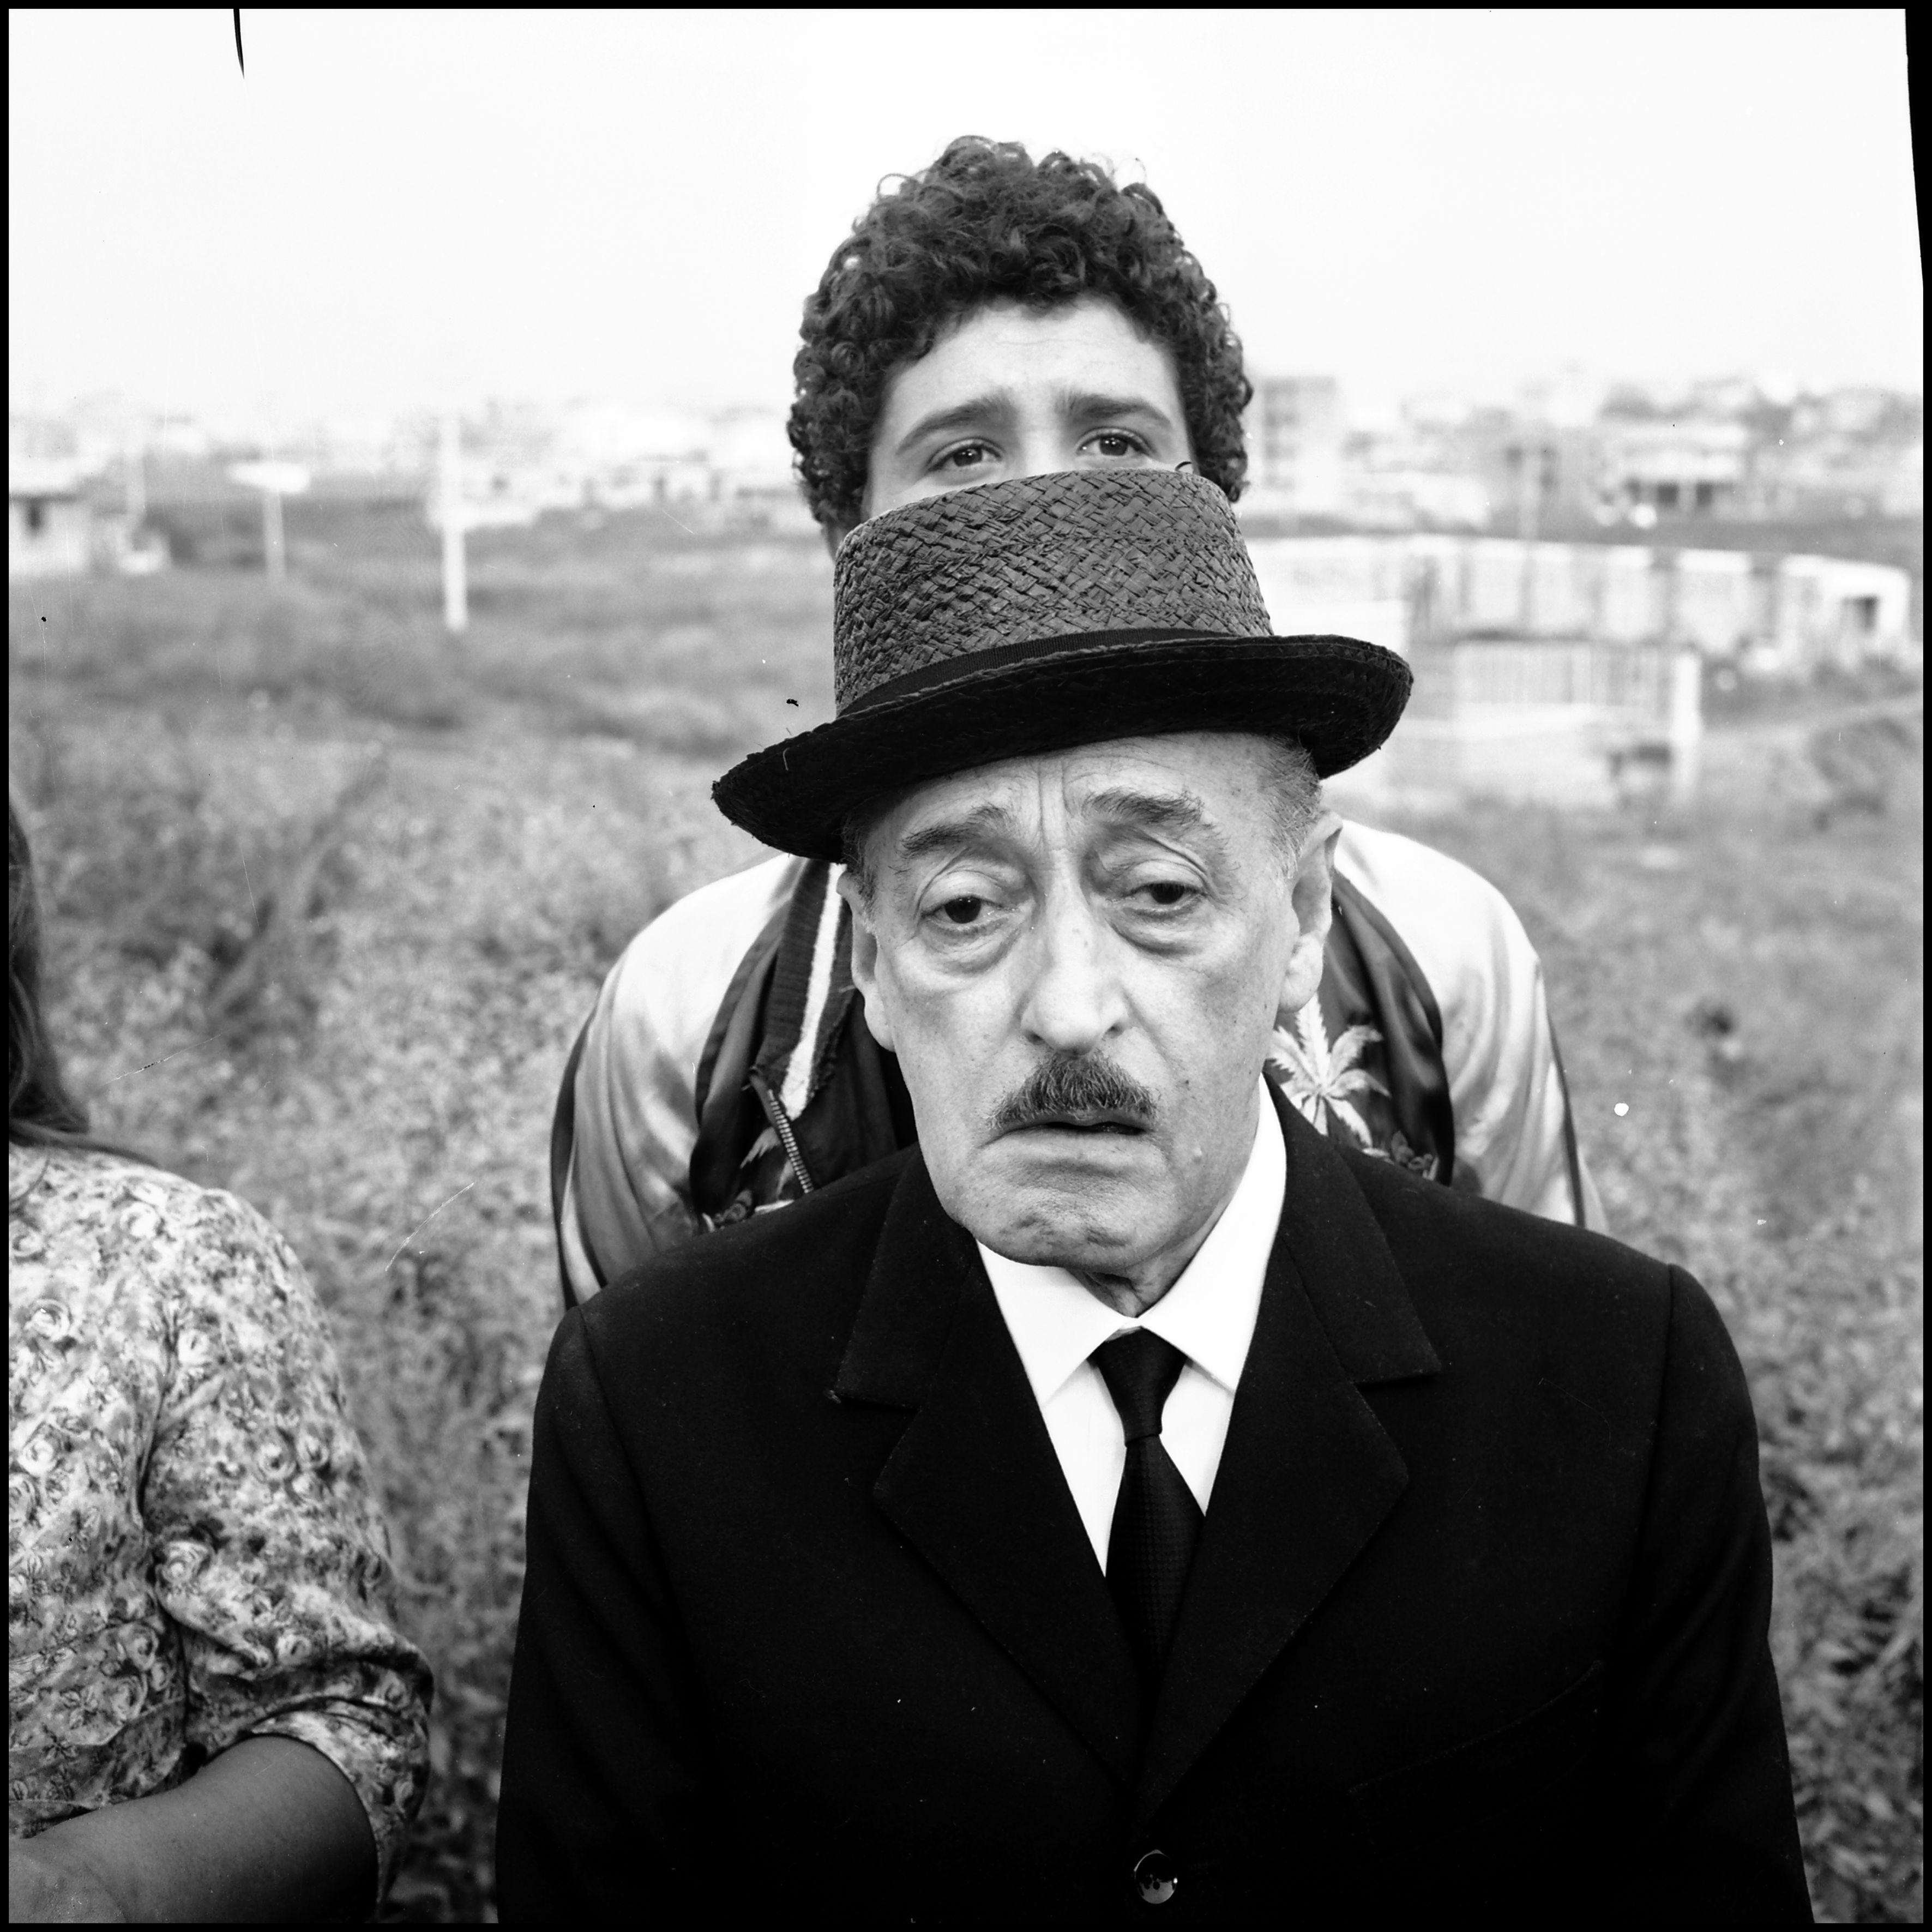 """Pasolini: Totò und Ninetto Davoli auf dem Set von """"Uccellacci e uccellini"""", 1965 © ph. Divo Cavicchioli / Centro Cinema Città di Cesena"""